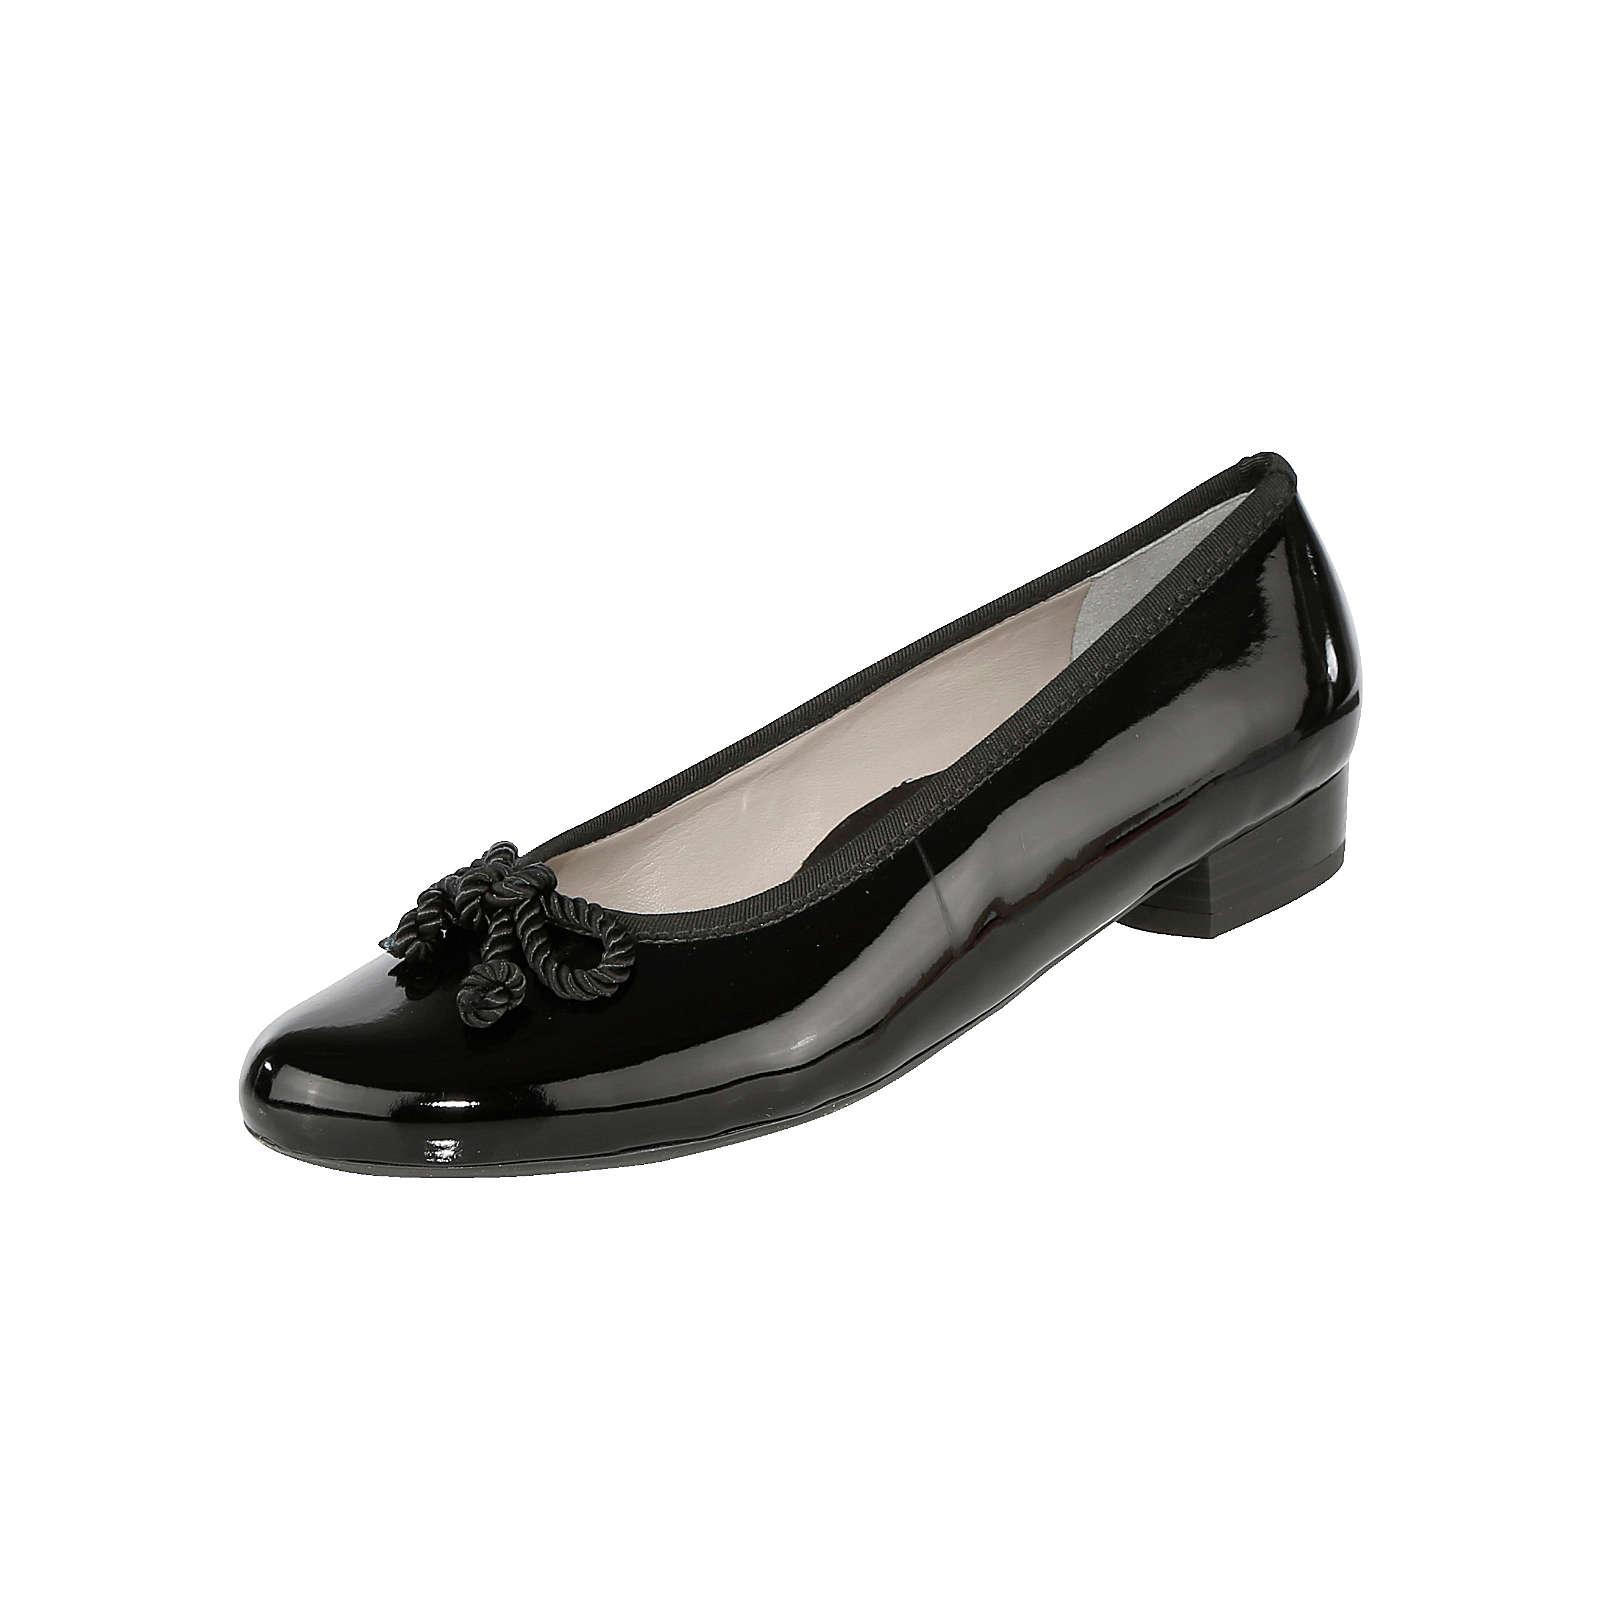 JENNY Klassische Ballerinas schwarz Damen Gr. 40